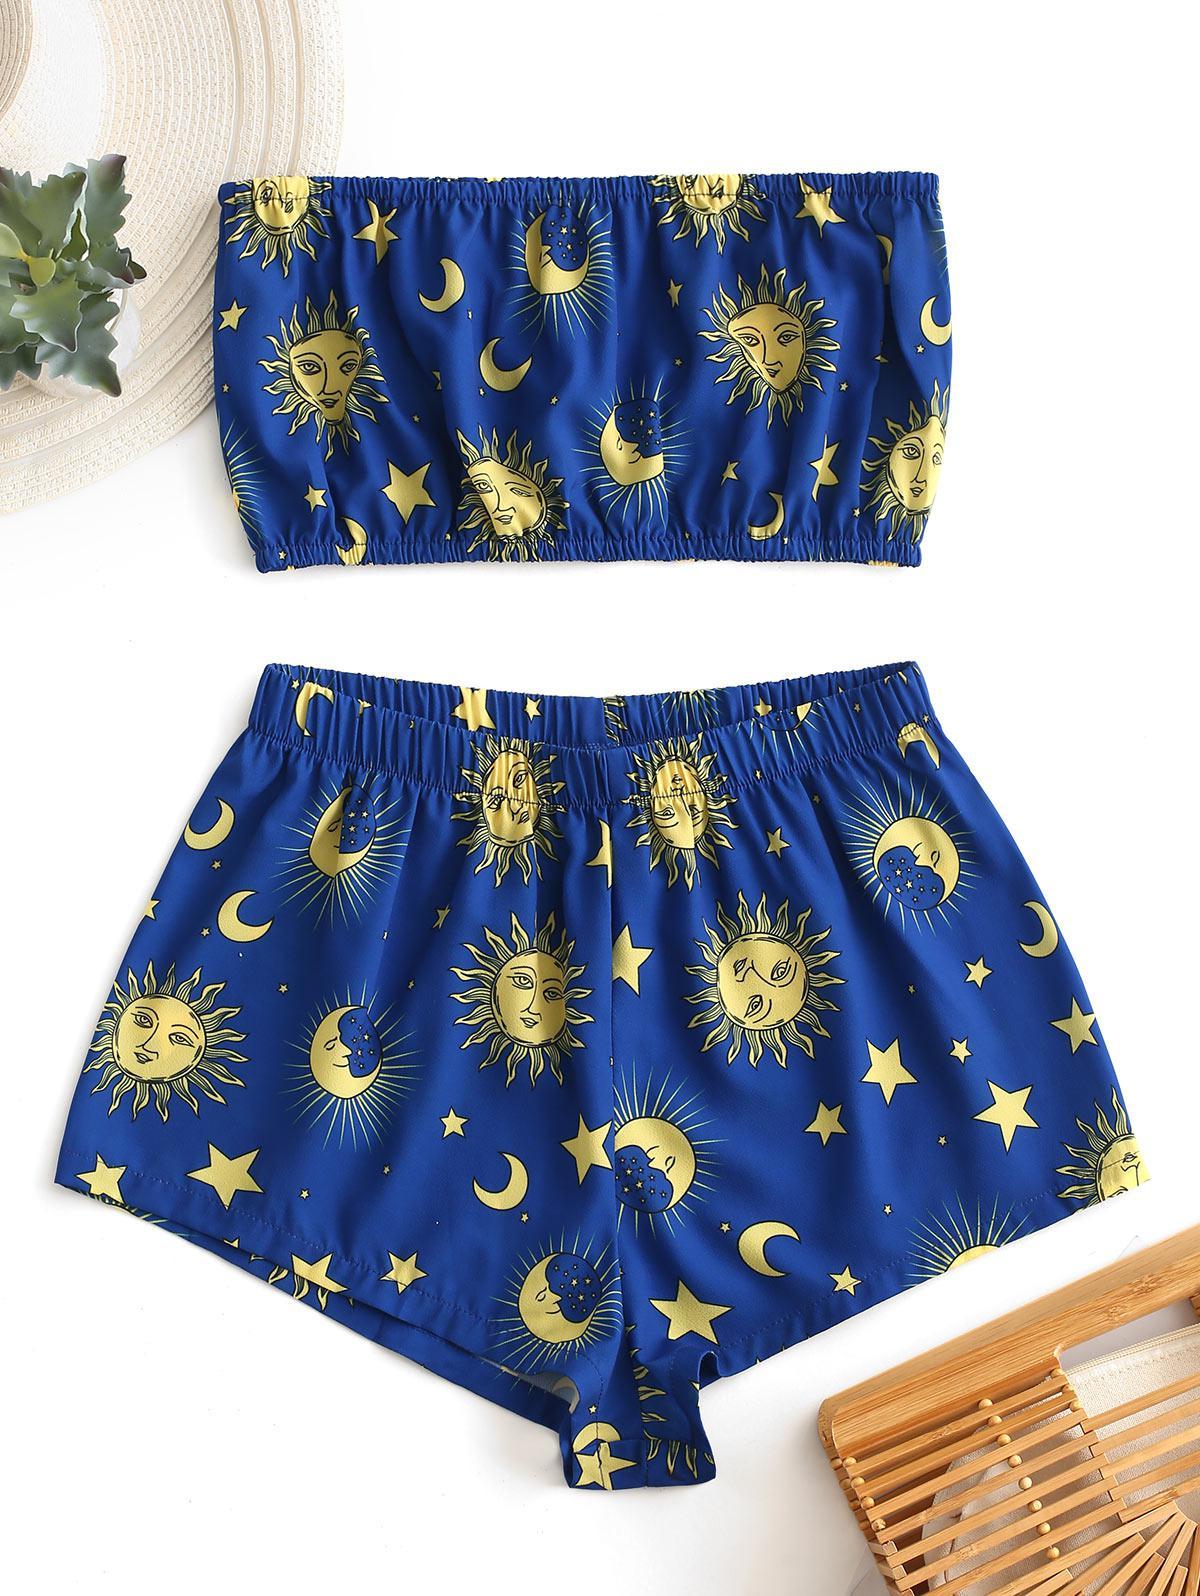 ZAFUL Star Sun and Moon Bandeau Top And Shorts Set thumbnail